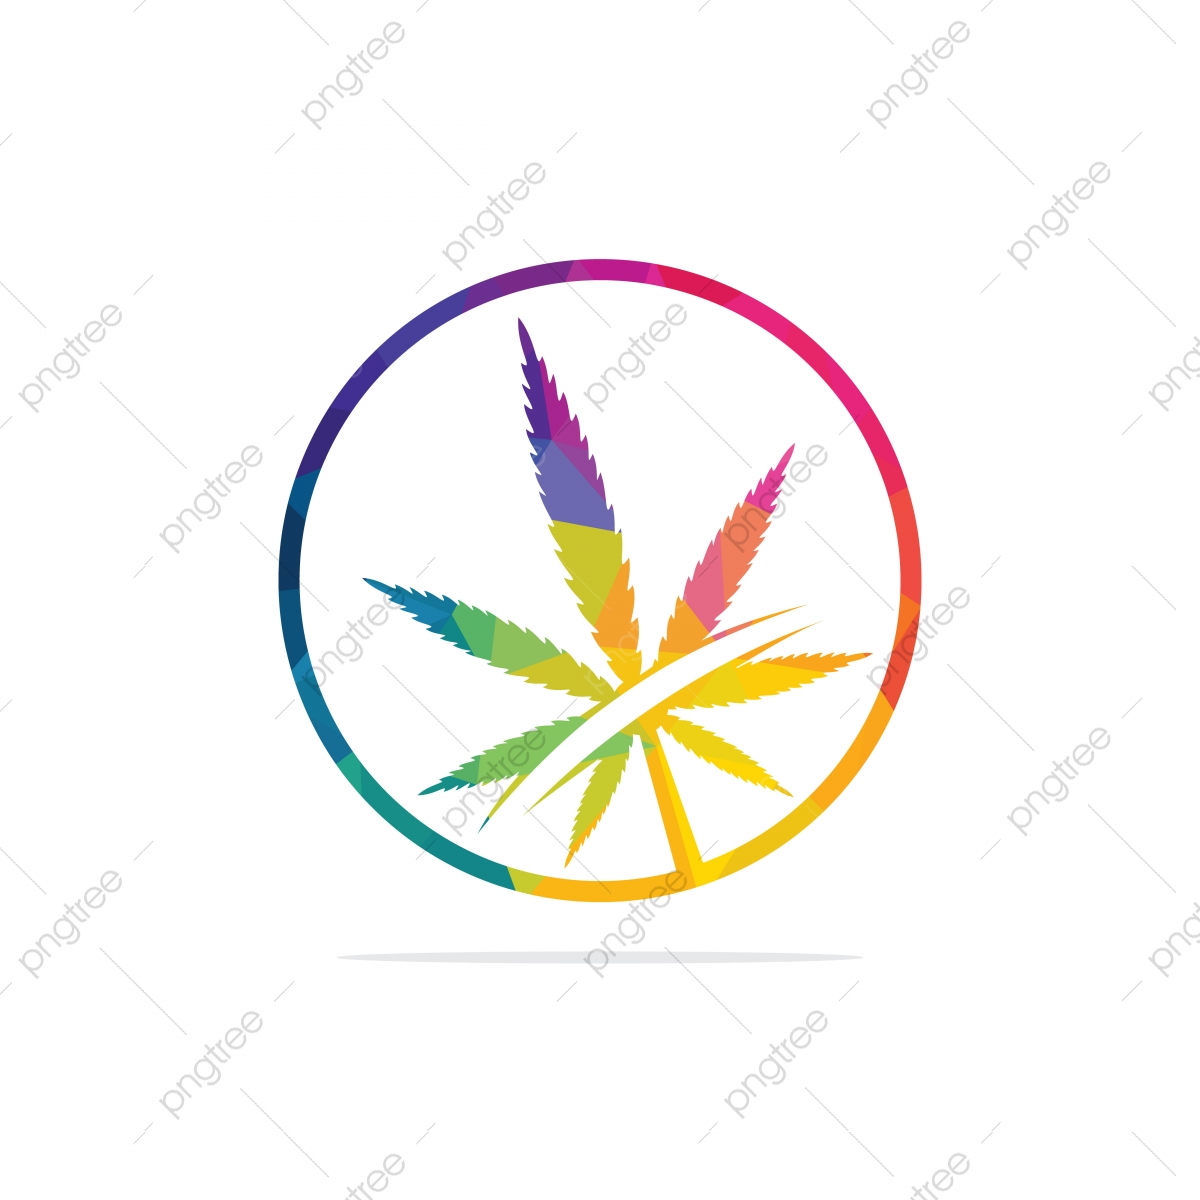 Логотипы марихуаны в фото энергосберегающие лампы для марихуаны